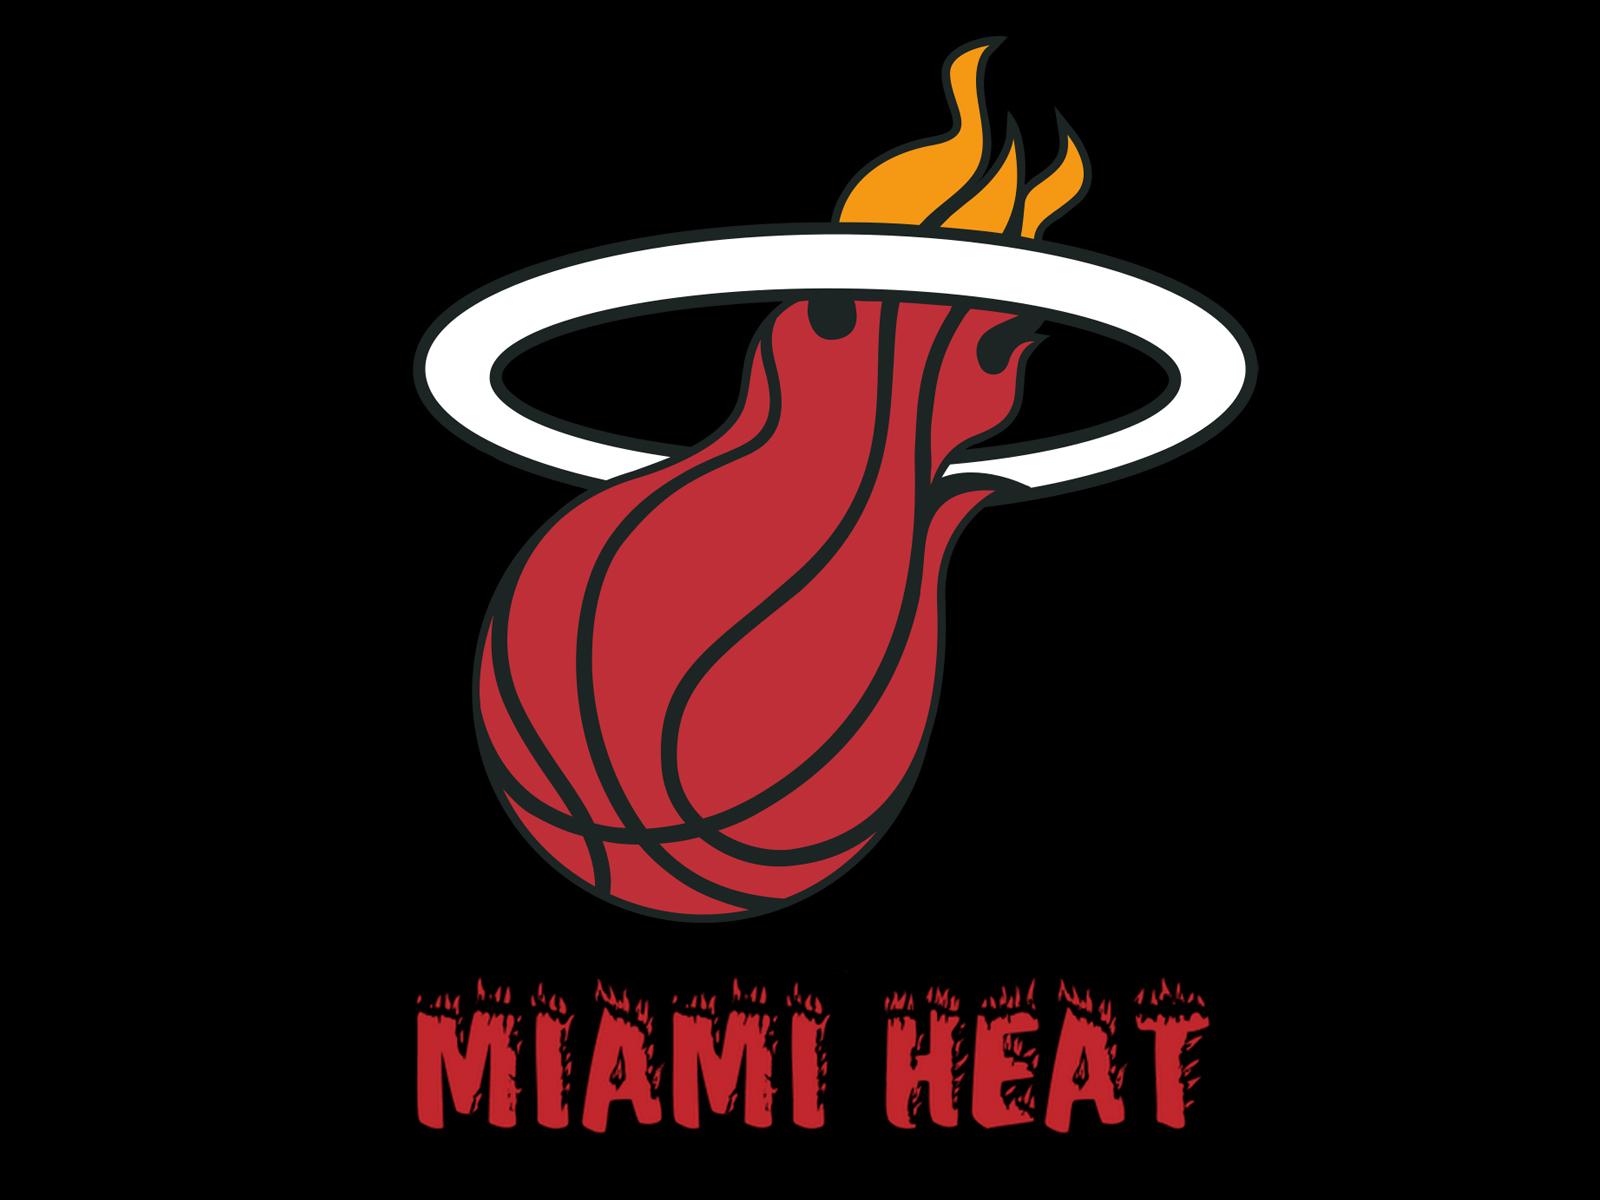 Miami Heat wallpapers Get now desktop wallpapers of Miami Heat 1600x1200